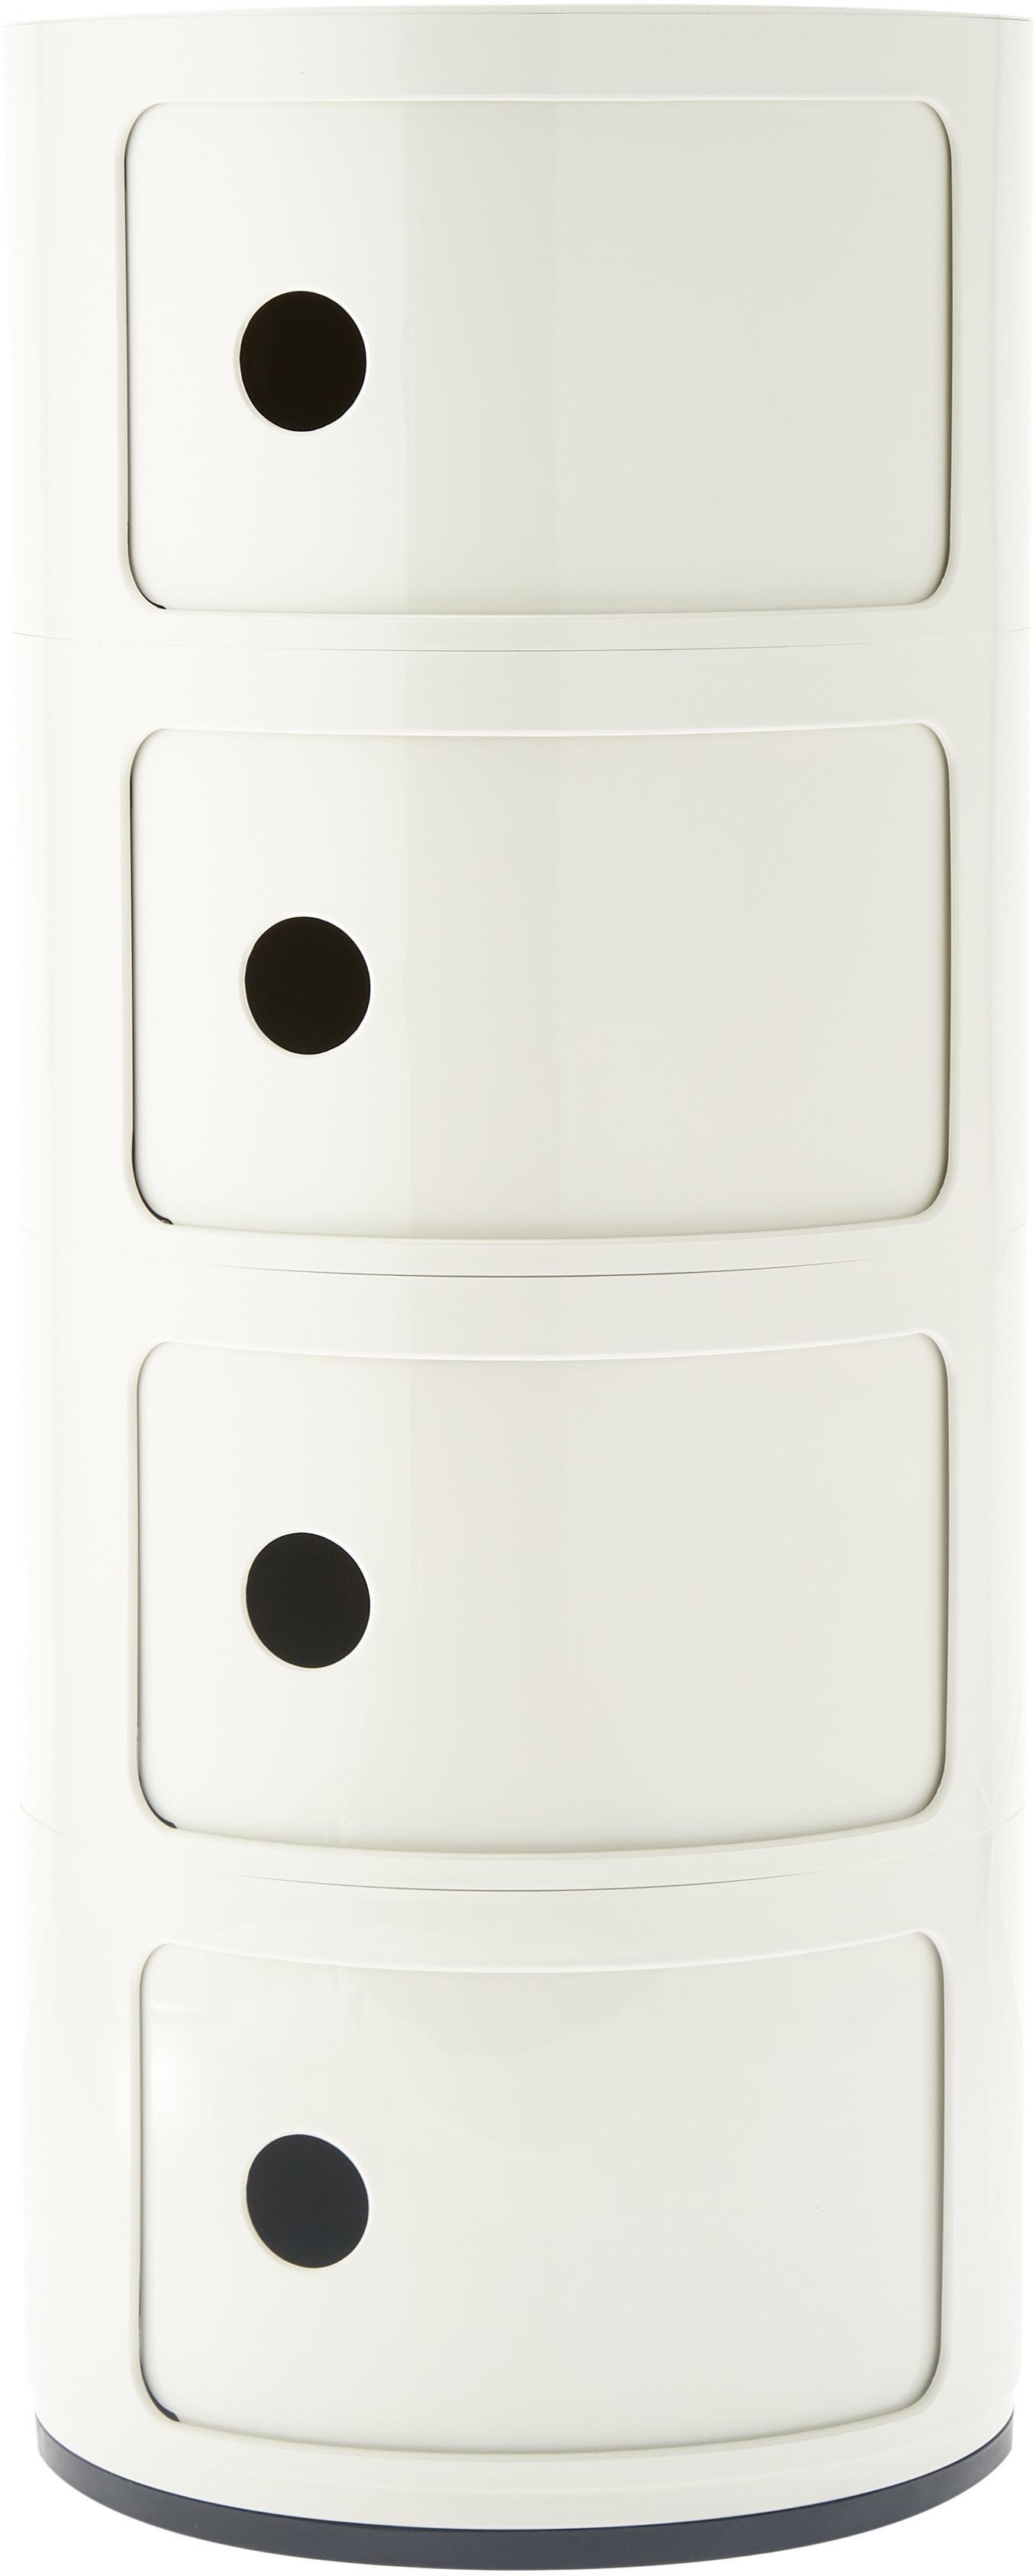 Design Container Componibili 4 Fächer, Kunststoff, Weiß, Ø 32 x H 77 cm